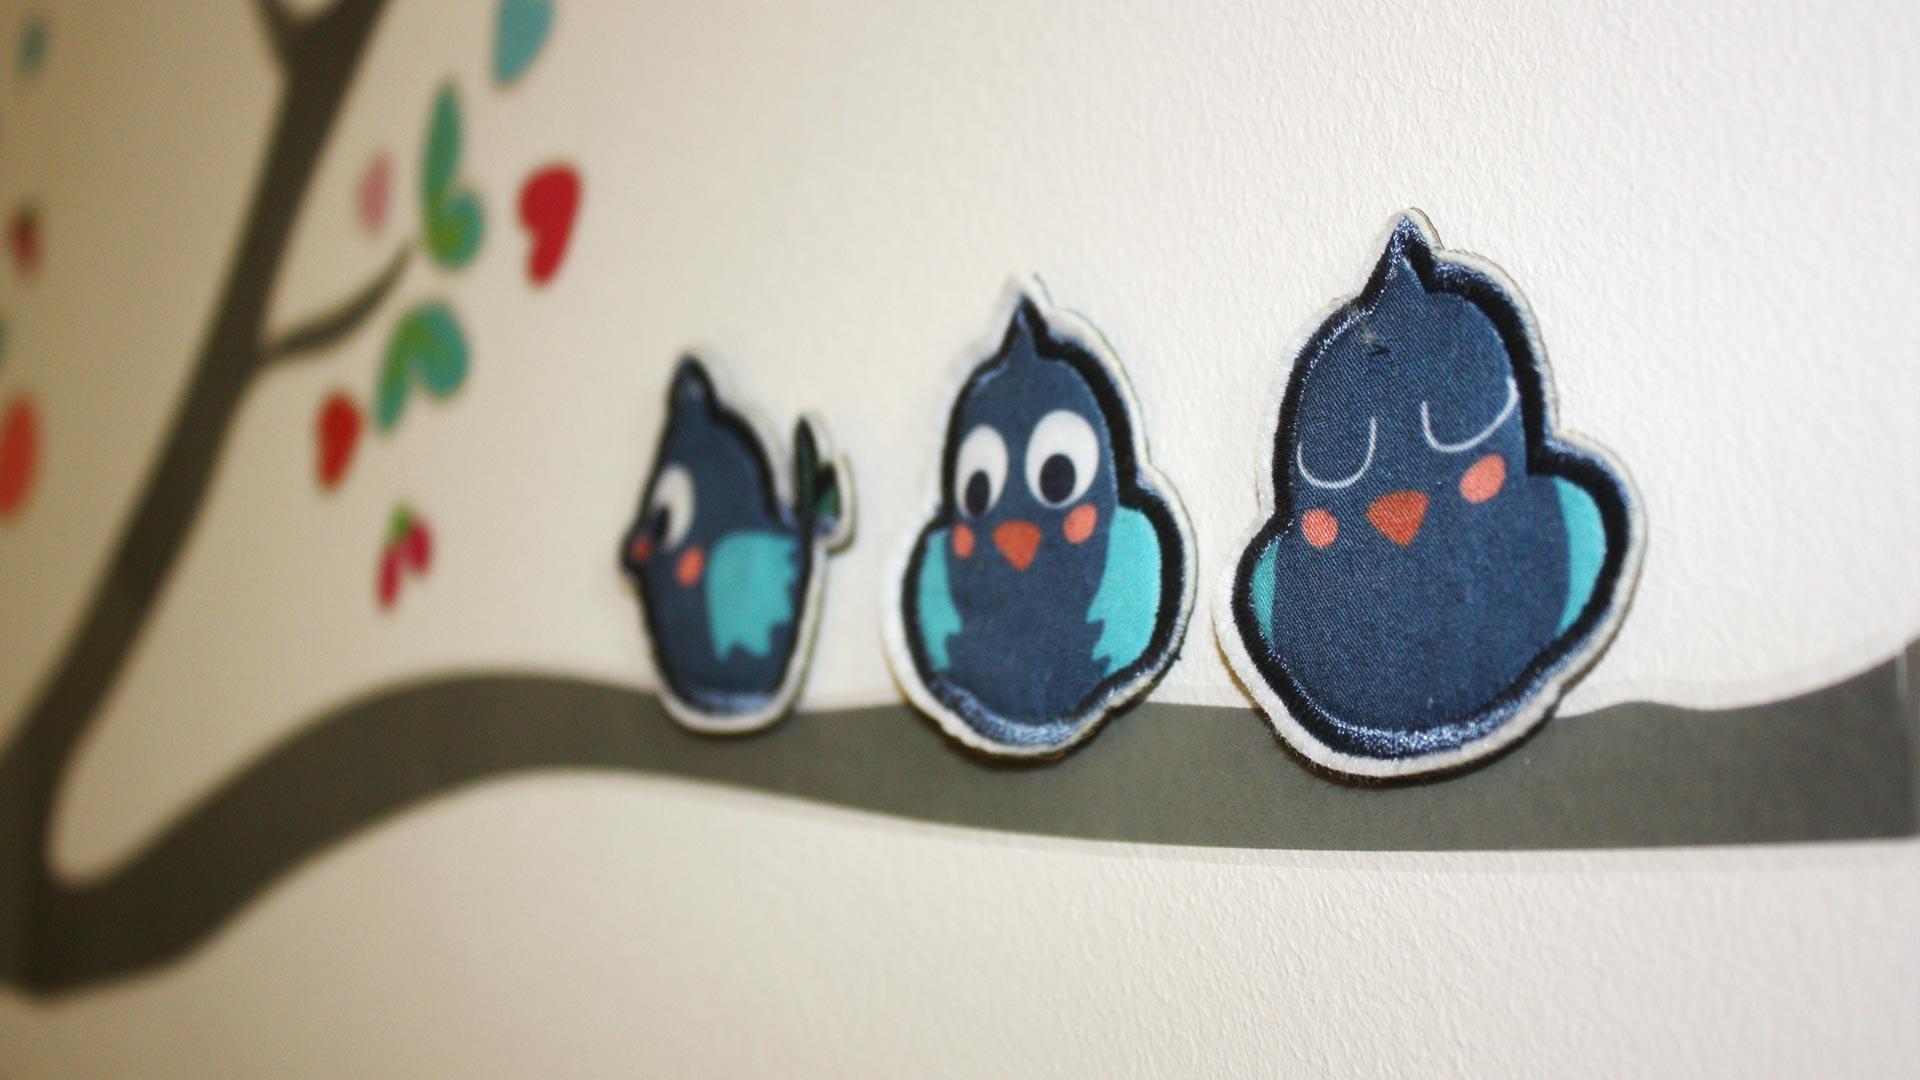 Detalles - Imagen de galería del Centro de Educación Infantil Gibralfaro